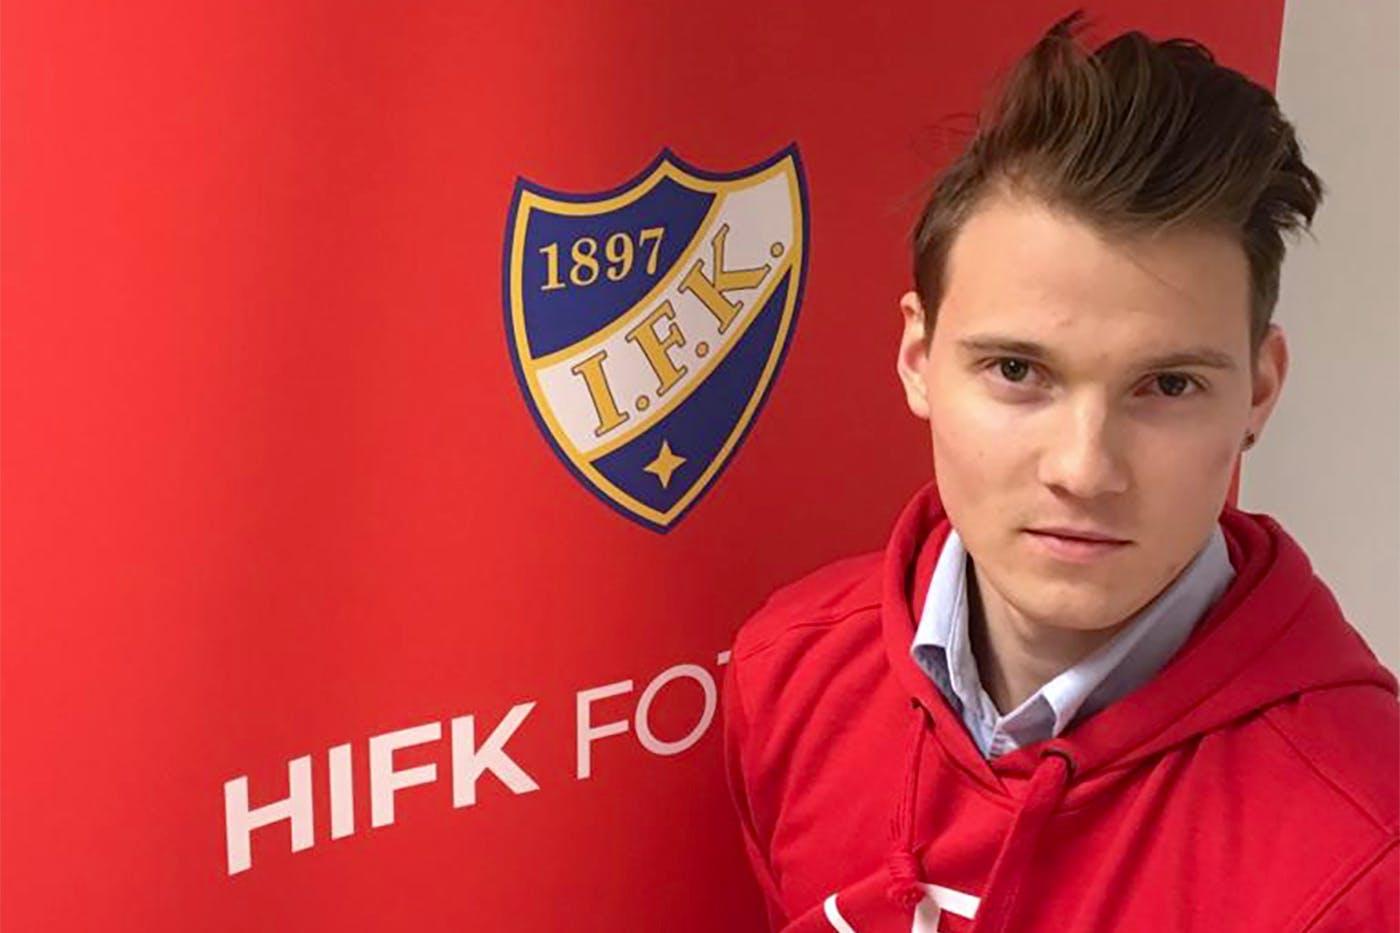 Samuel Haglund HIFK:hon